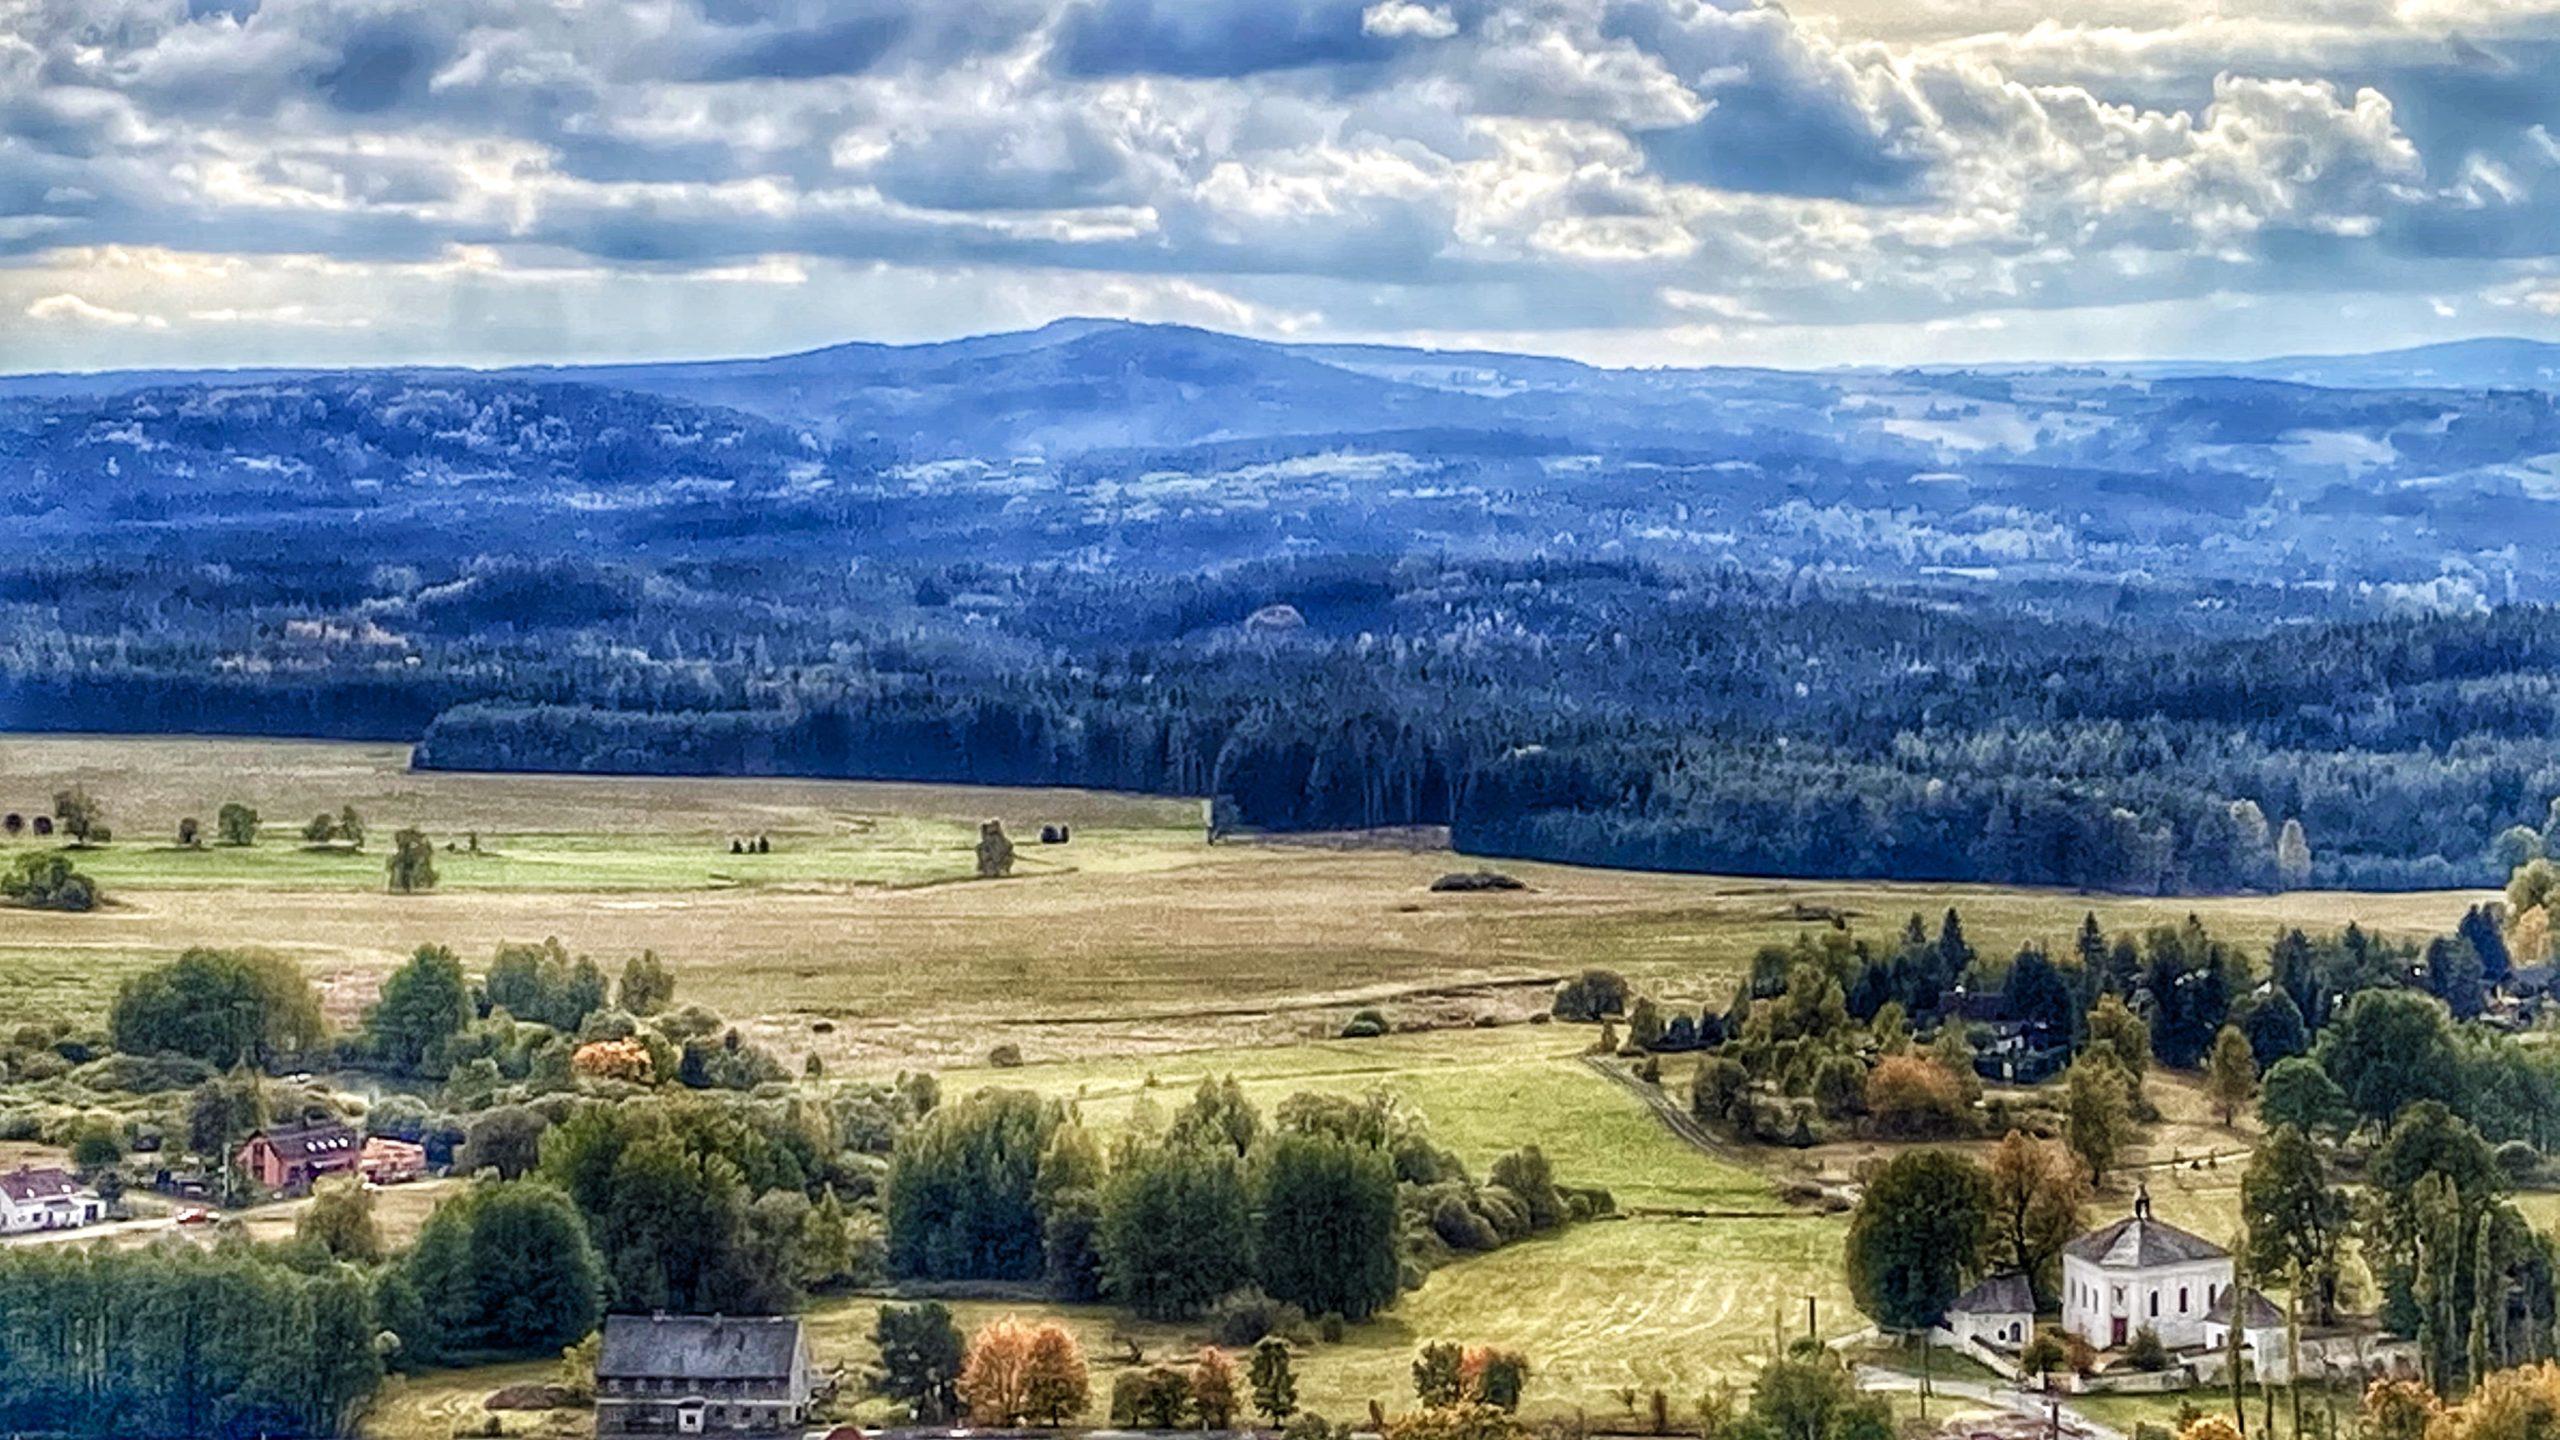 Běh územím neobjevených krás Slavkovského lesa a Doupovských hor